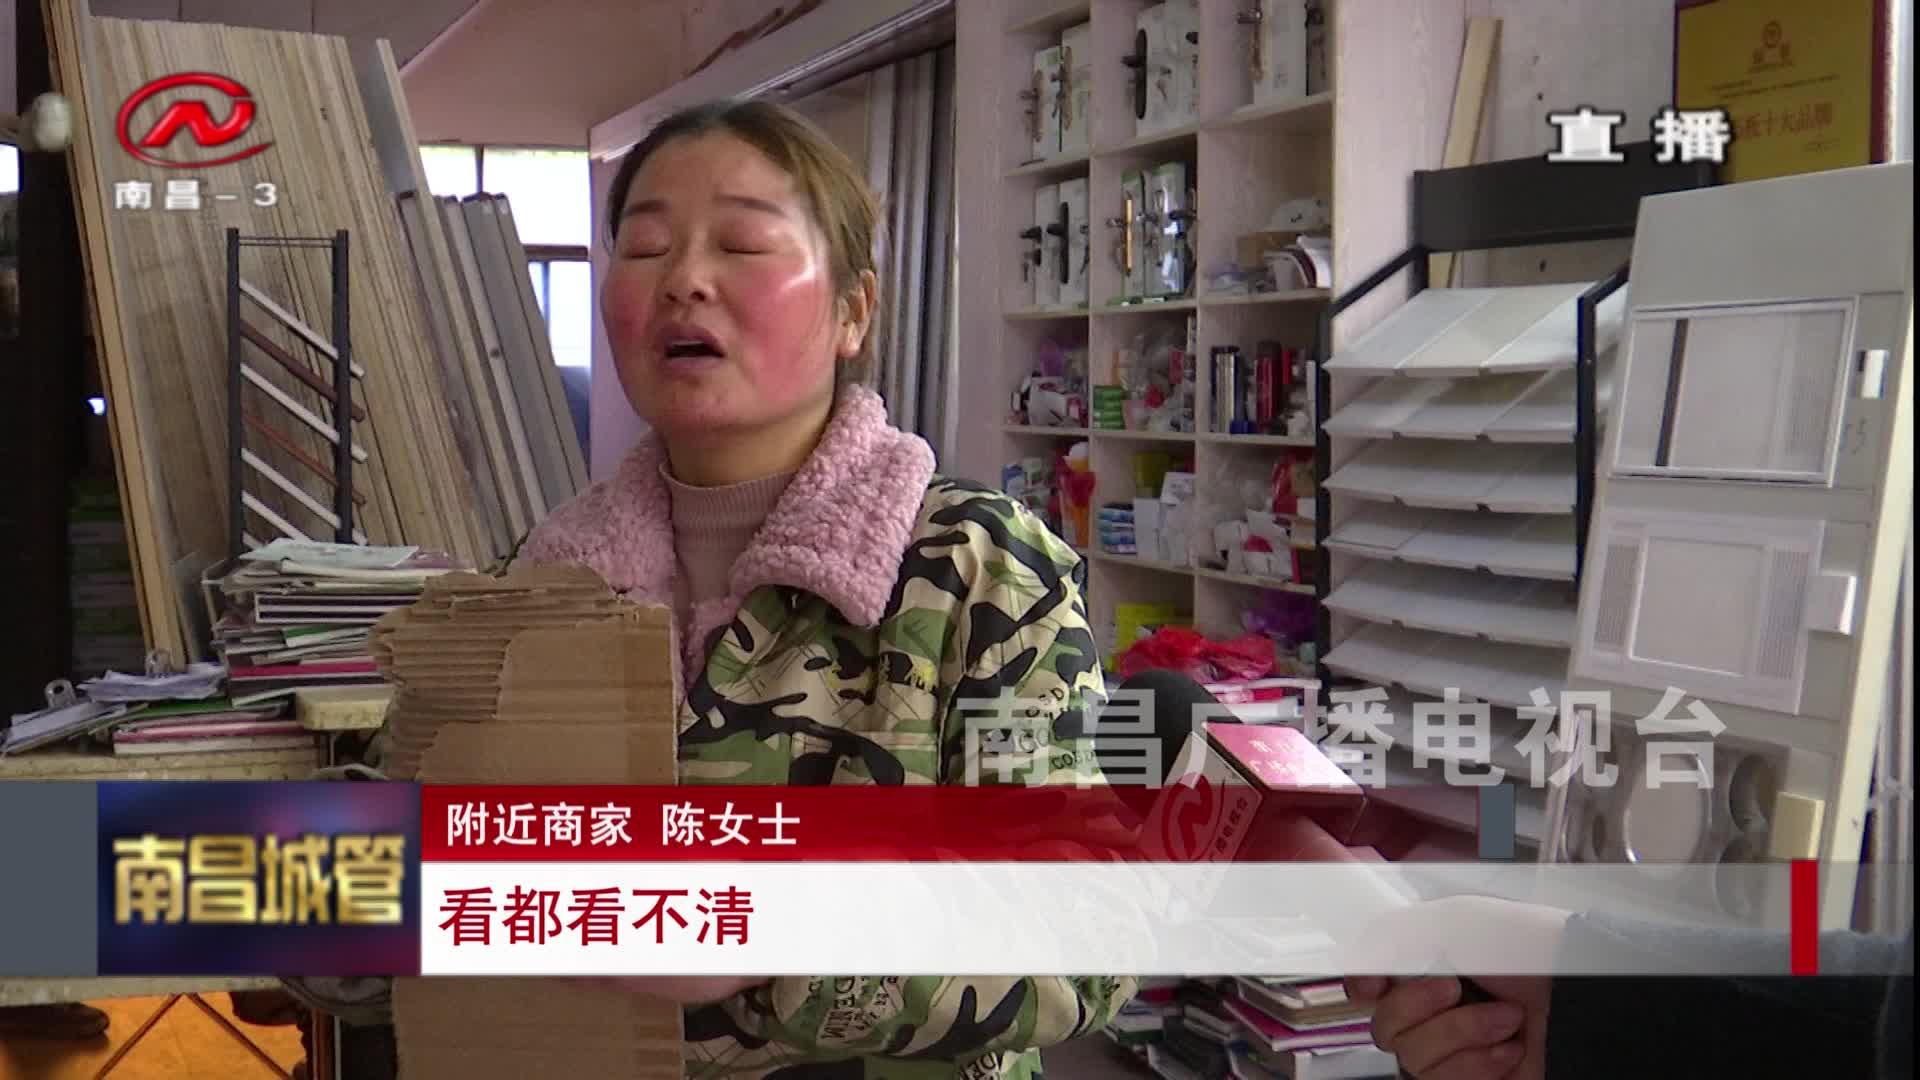 【城管新聞】新建區:店面火情突現  城管滅火及時